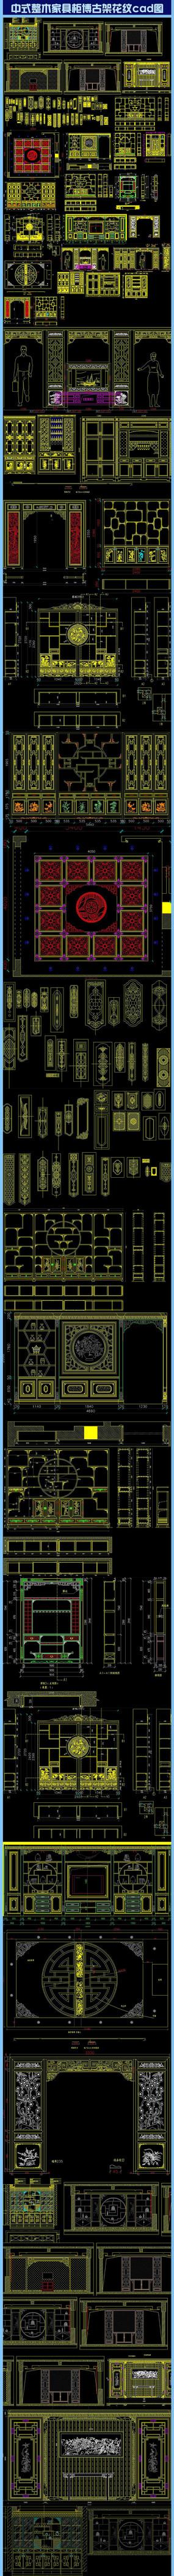 中式家具柜博古架花纹cad图